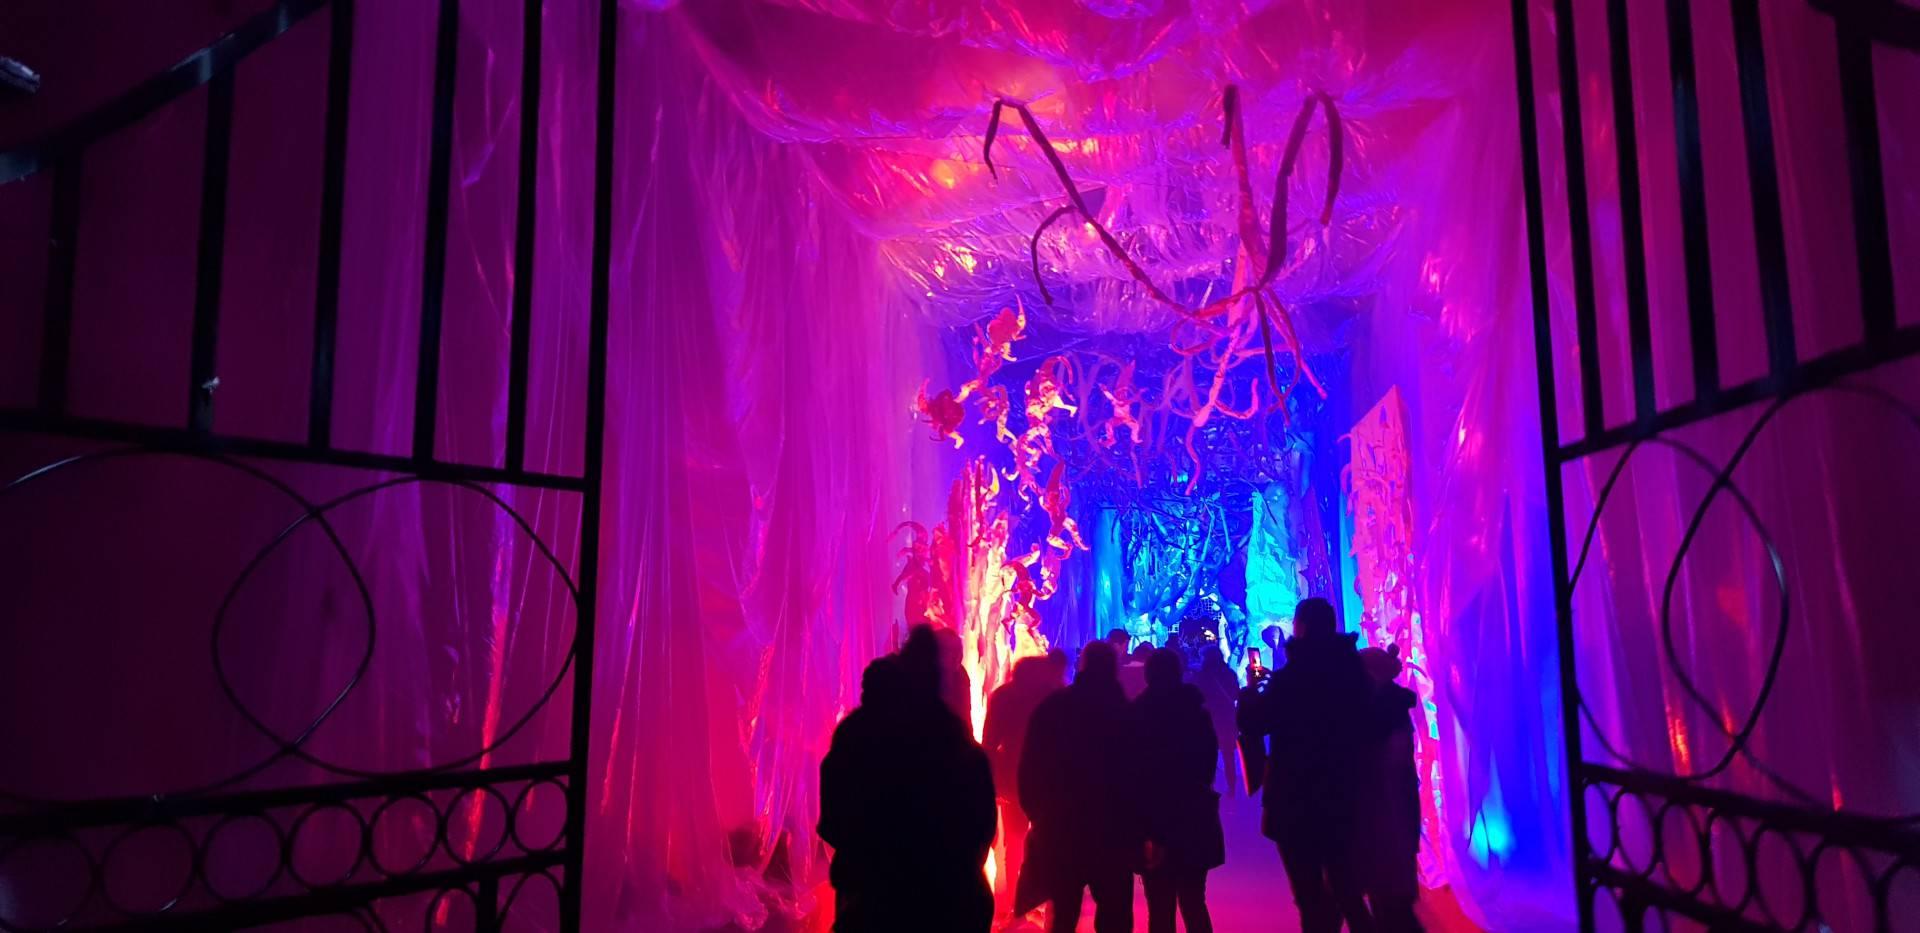 Božićna bajka u Zagrebu: Tunel Grič pretvoren u ledeni dvorac